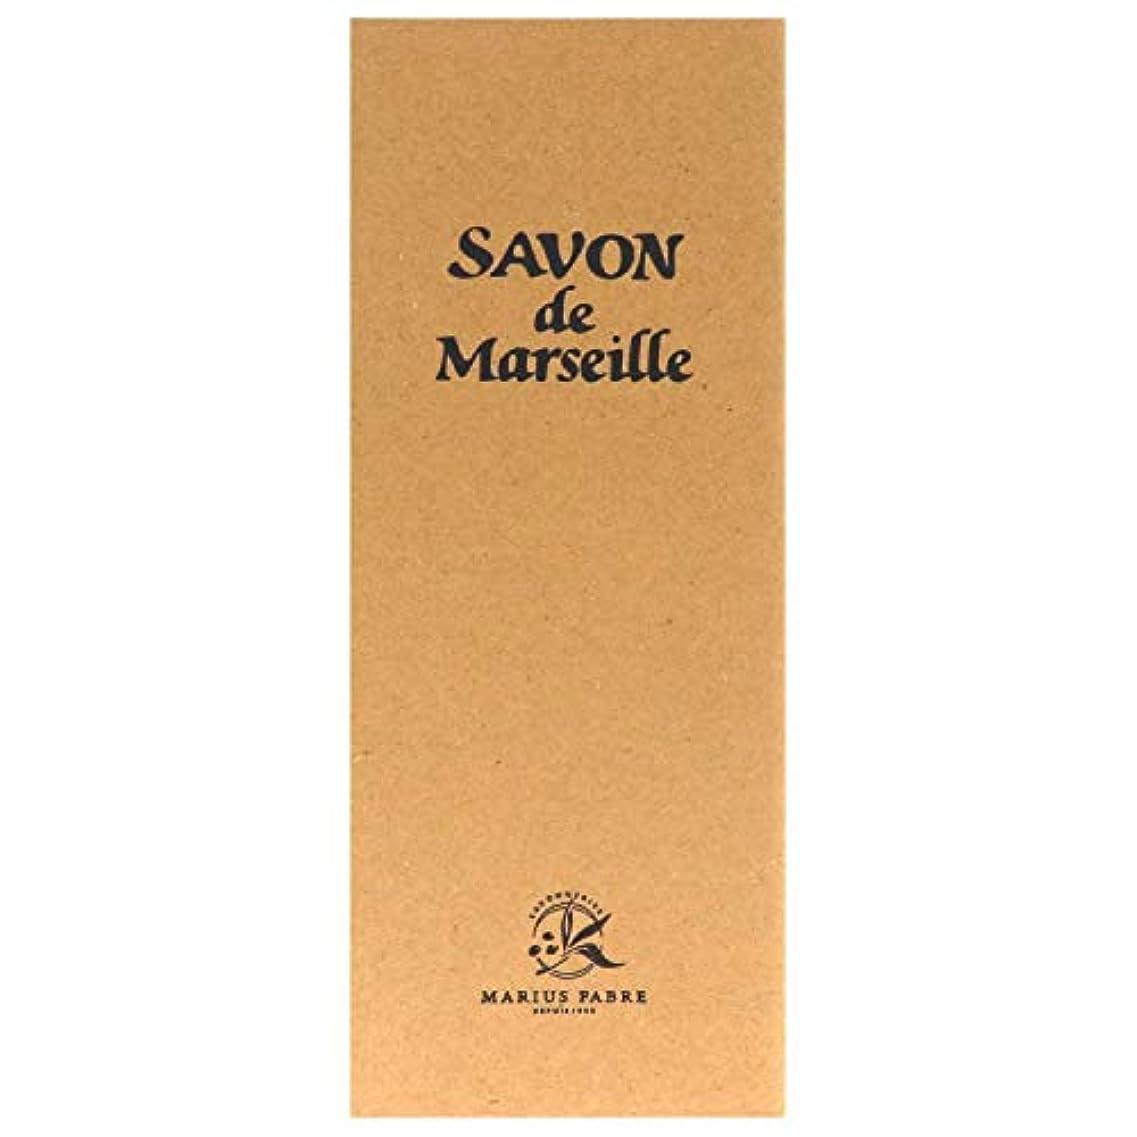 キャメルどんなときも照らすサボン ド マルセイユ 木箱ギフト オリーブ